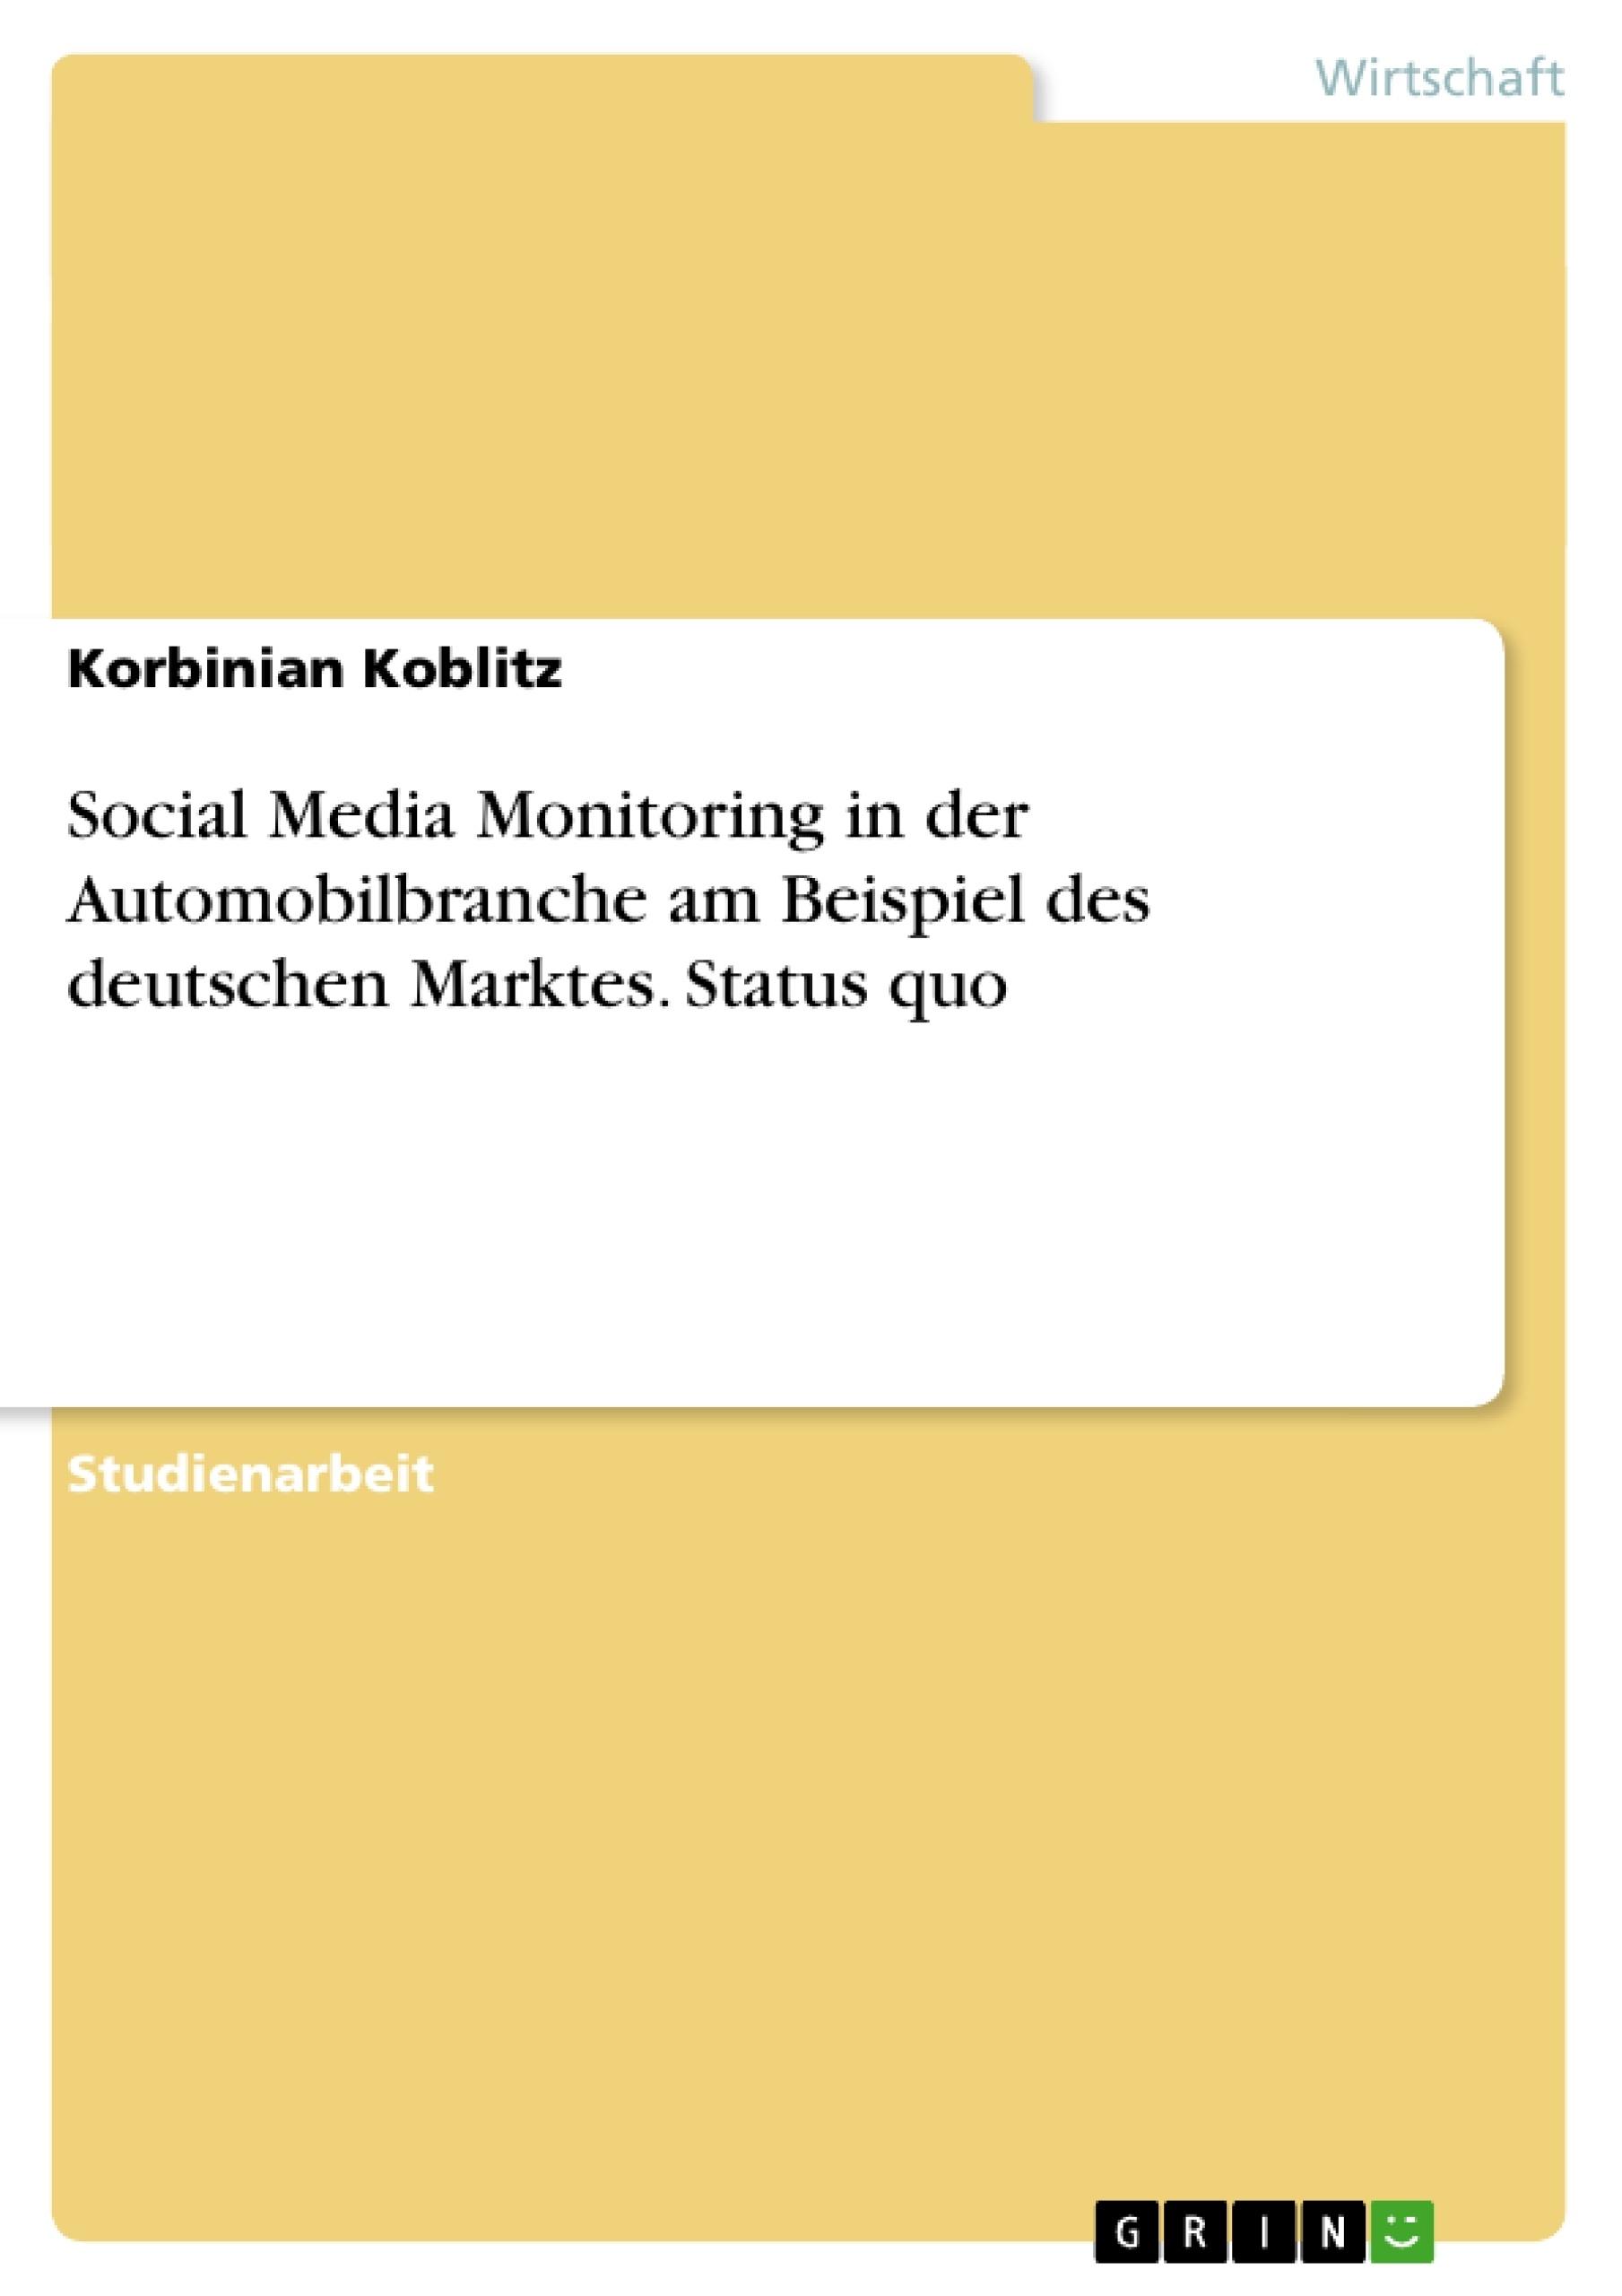 Titel: Social Media Monitoring in der Automobilbranche am Beispiel des deutschen Marktes. Status quo